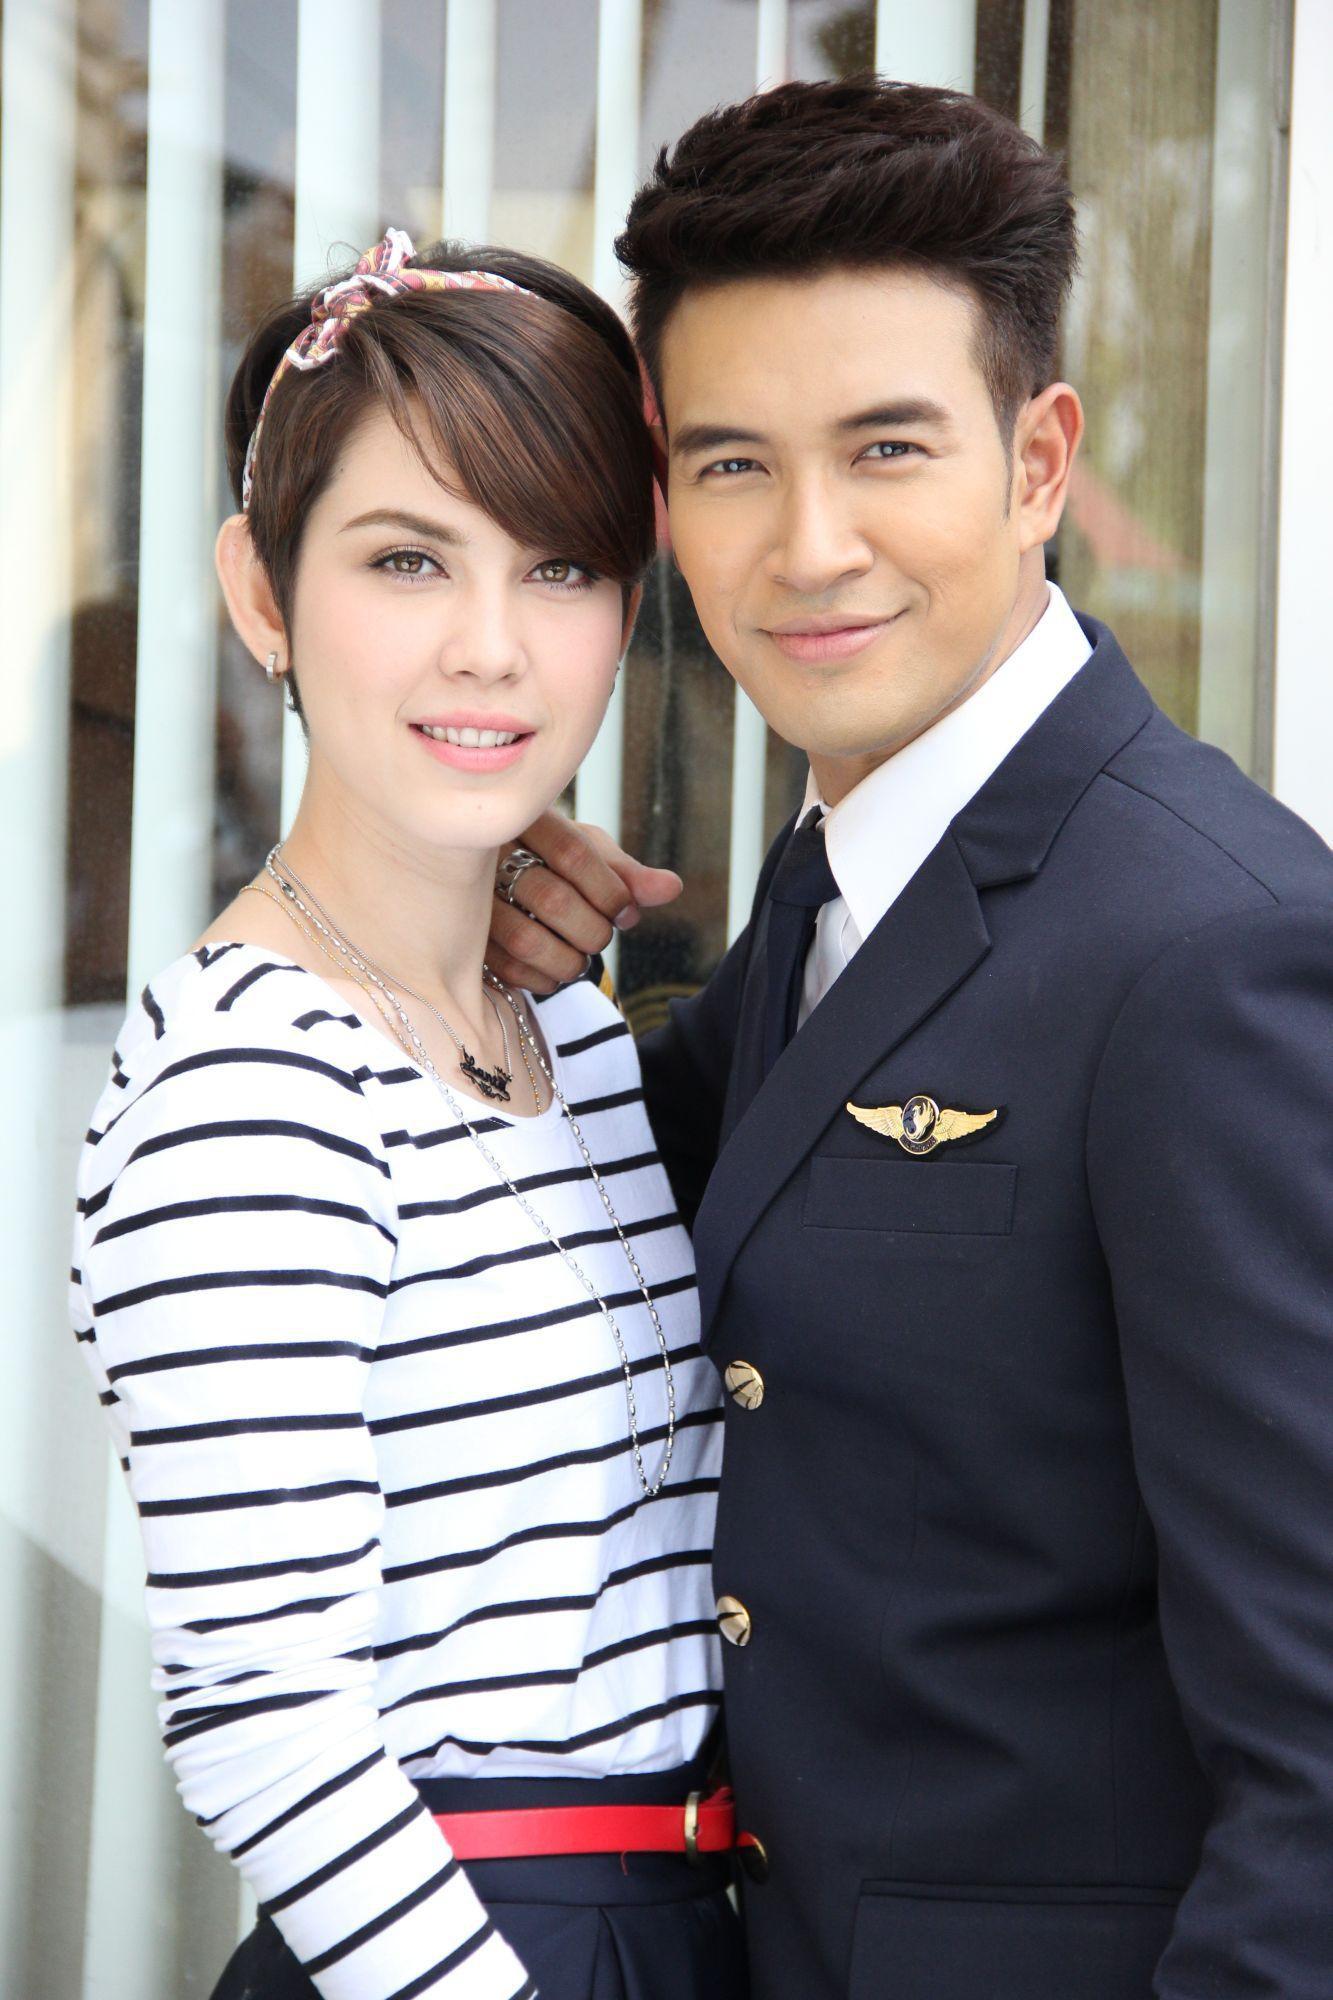 8 tài tử độc thân bền vững hot nhất Thái Lan: Đẹp cực phẩm, tài năng, toàn mỹ nhân đình đám vây quanh song mãi FA - Ảnh 7.